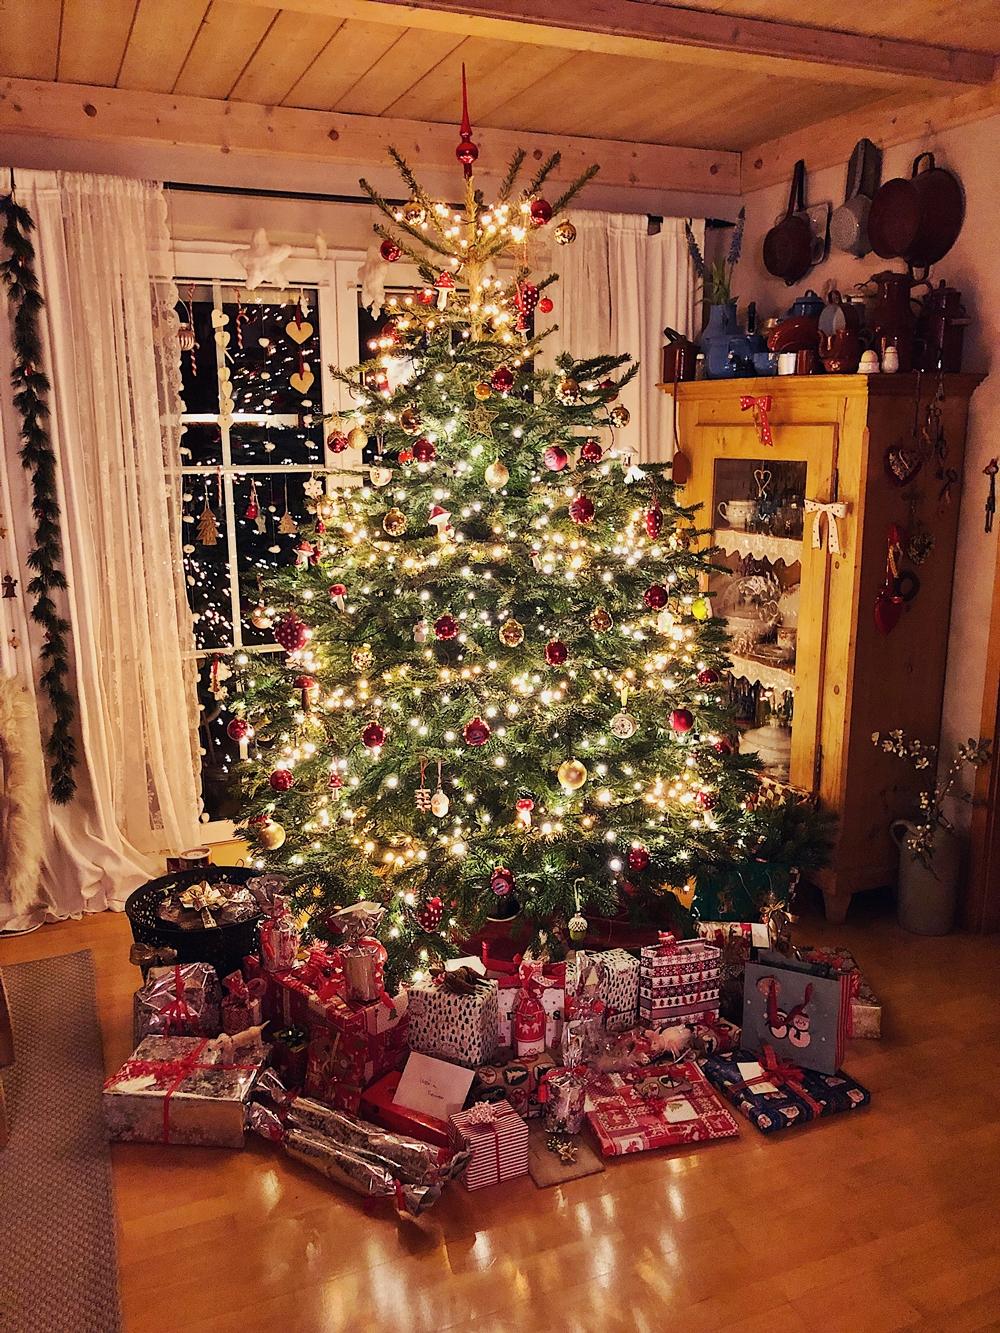 Weihnachtsessen 1 Weihnachtsfeiertag.Weihnachten 2018 Fashion Kitchen